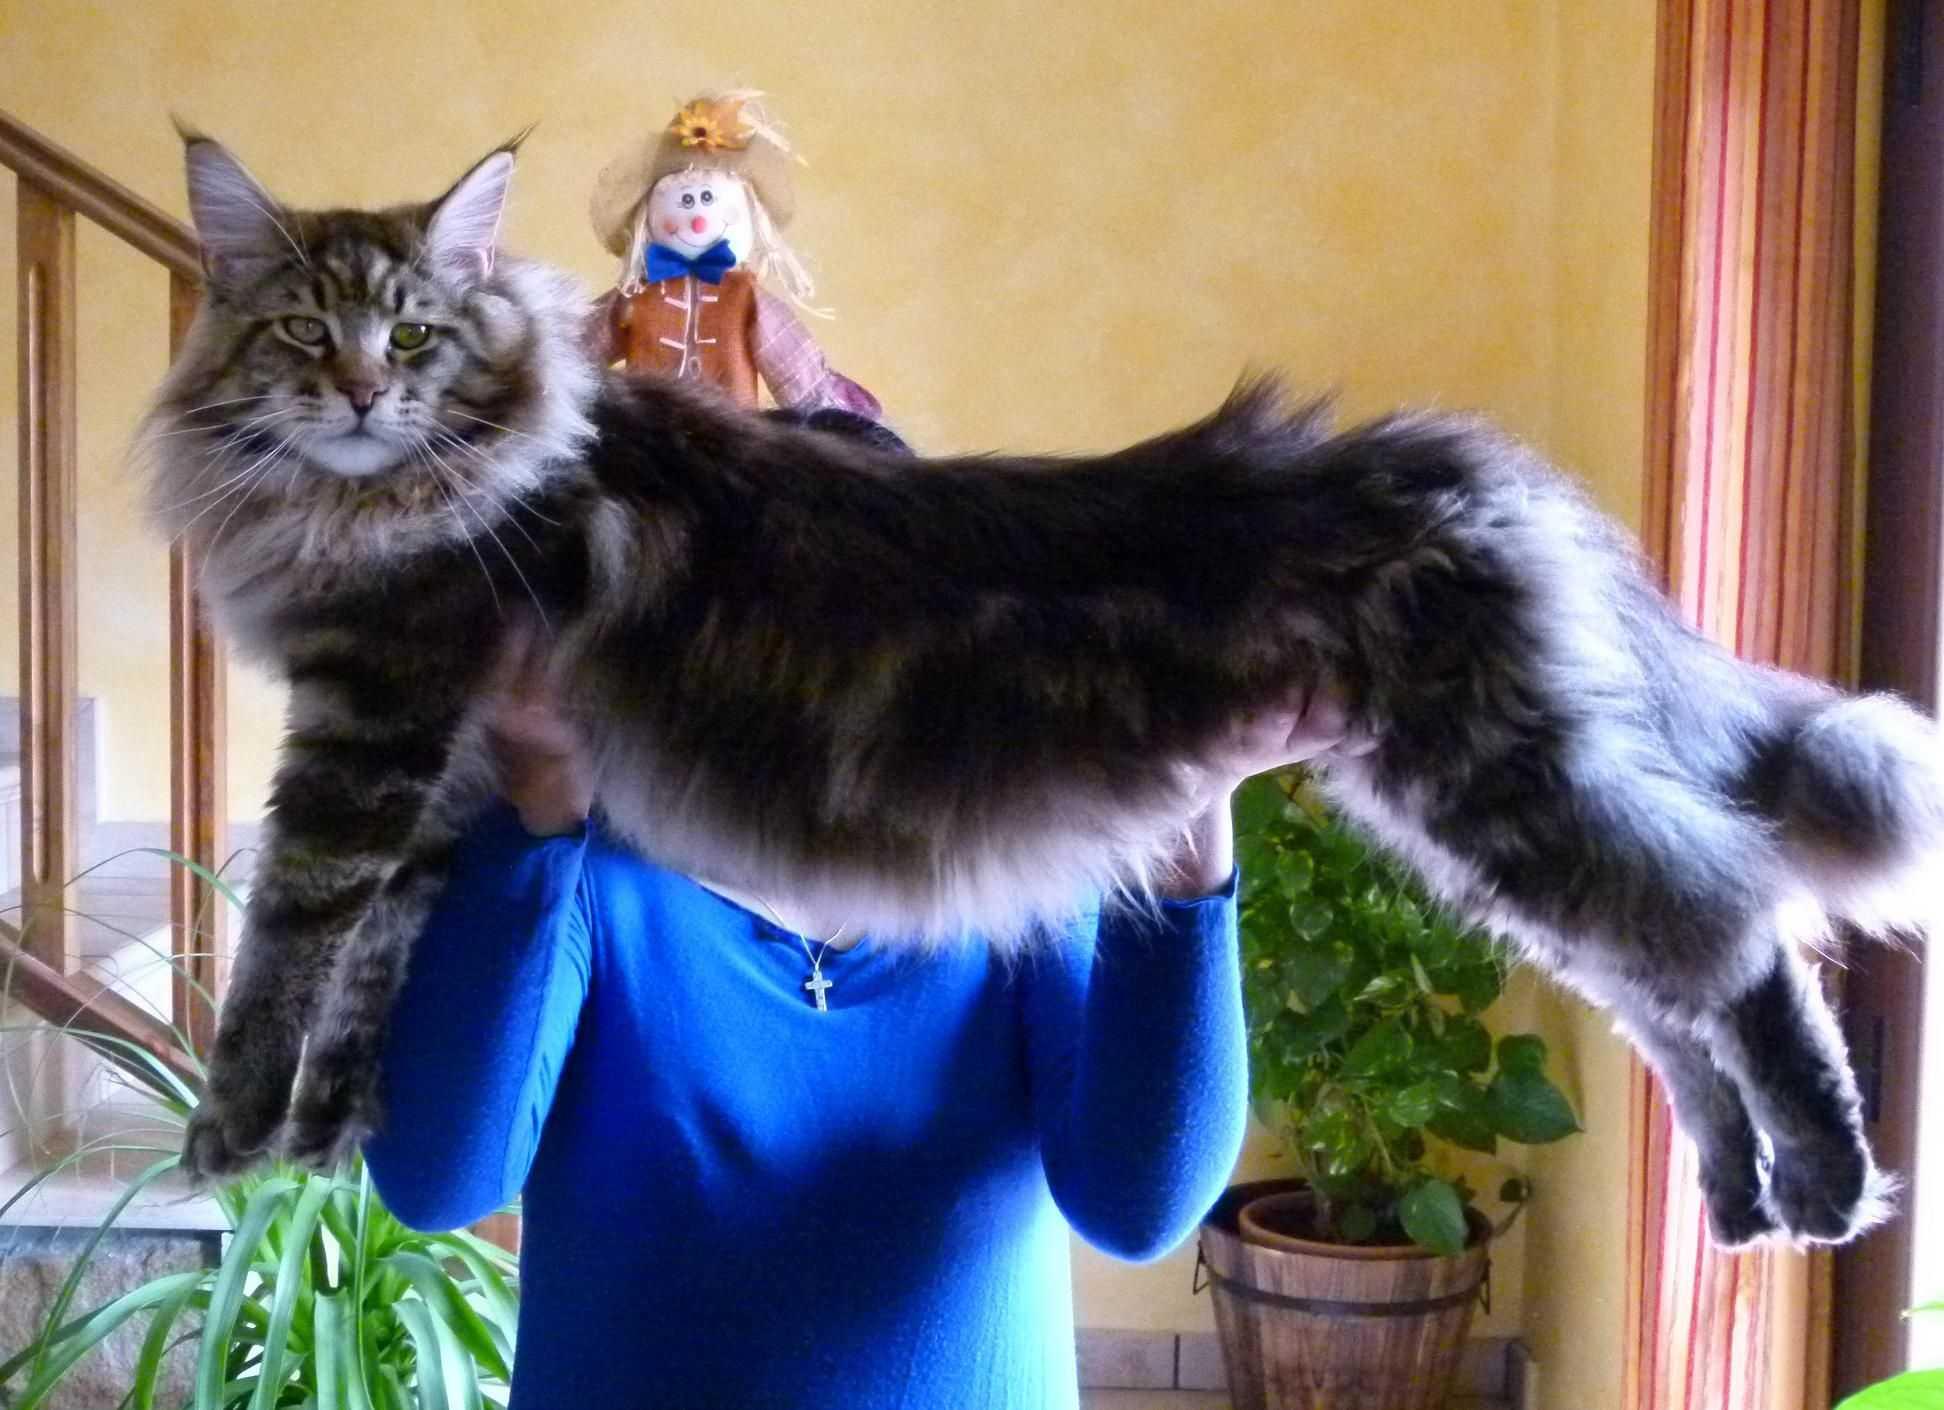 Лечение кошками: что такое фелинотерапия, лечение, подходит ли порода мейн-кун